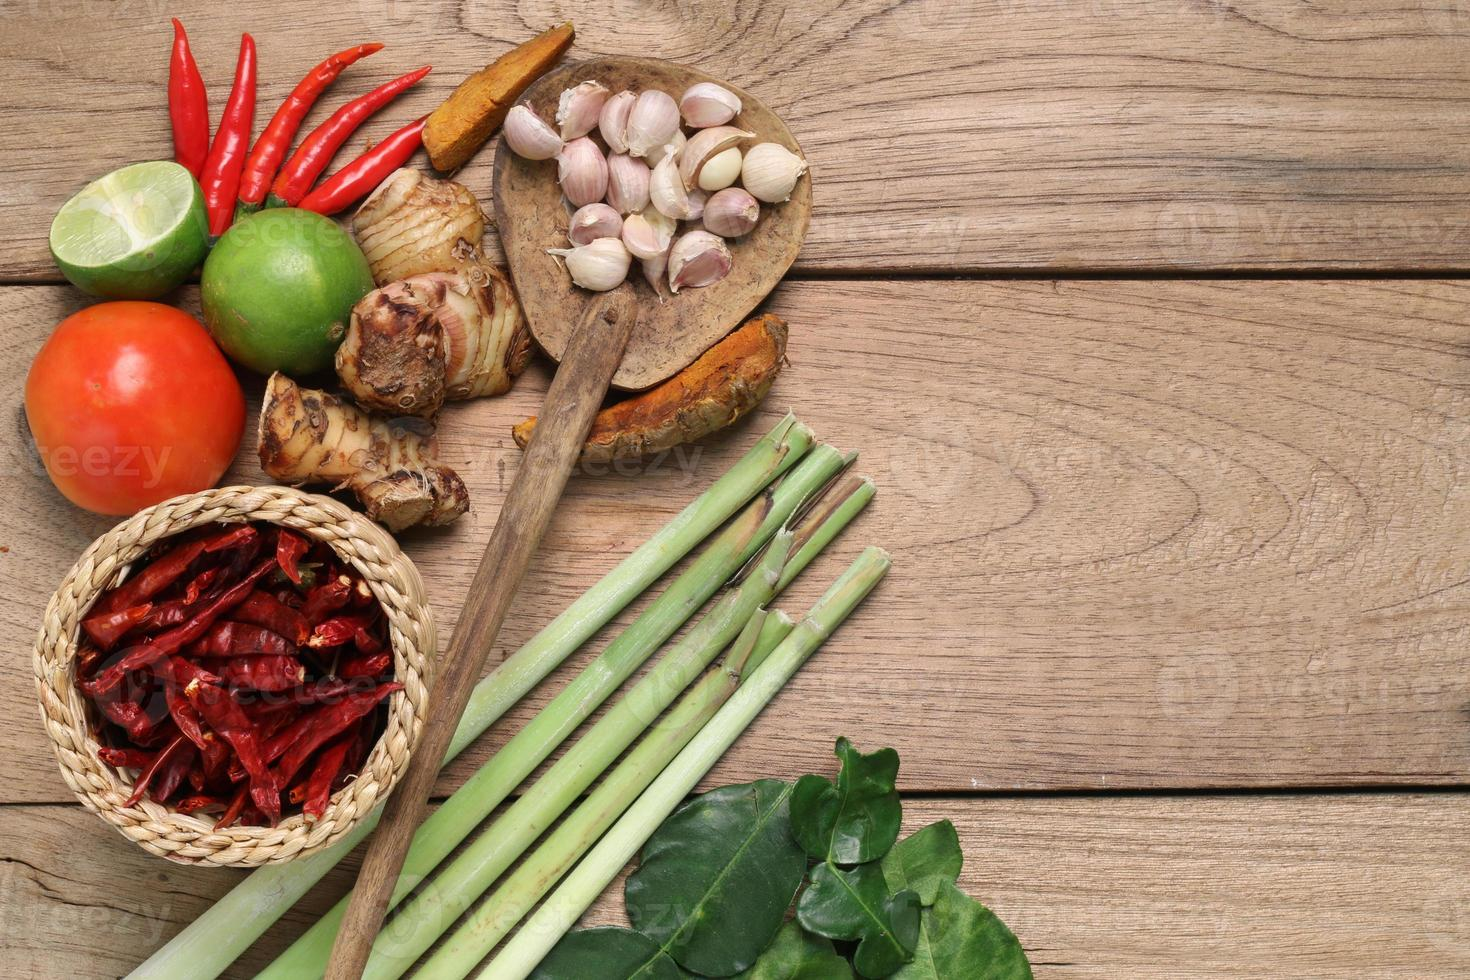 ingredientes alimentares da Tailândia. foto